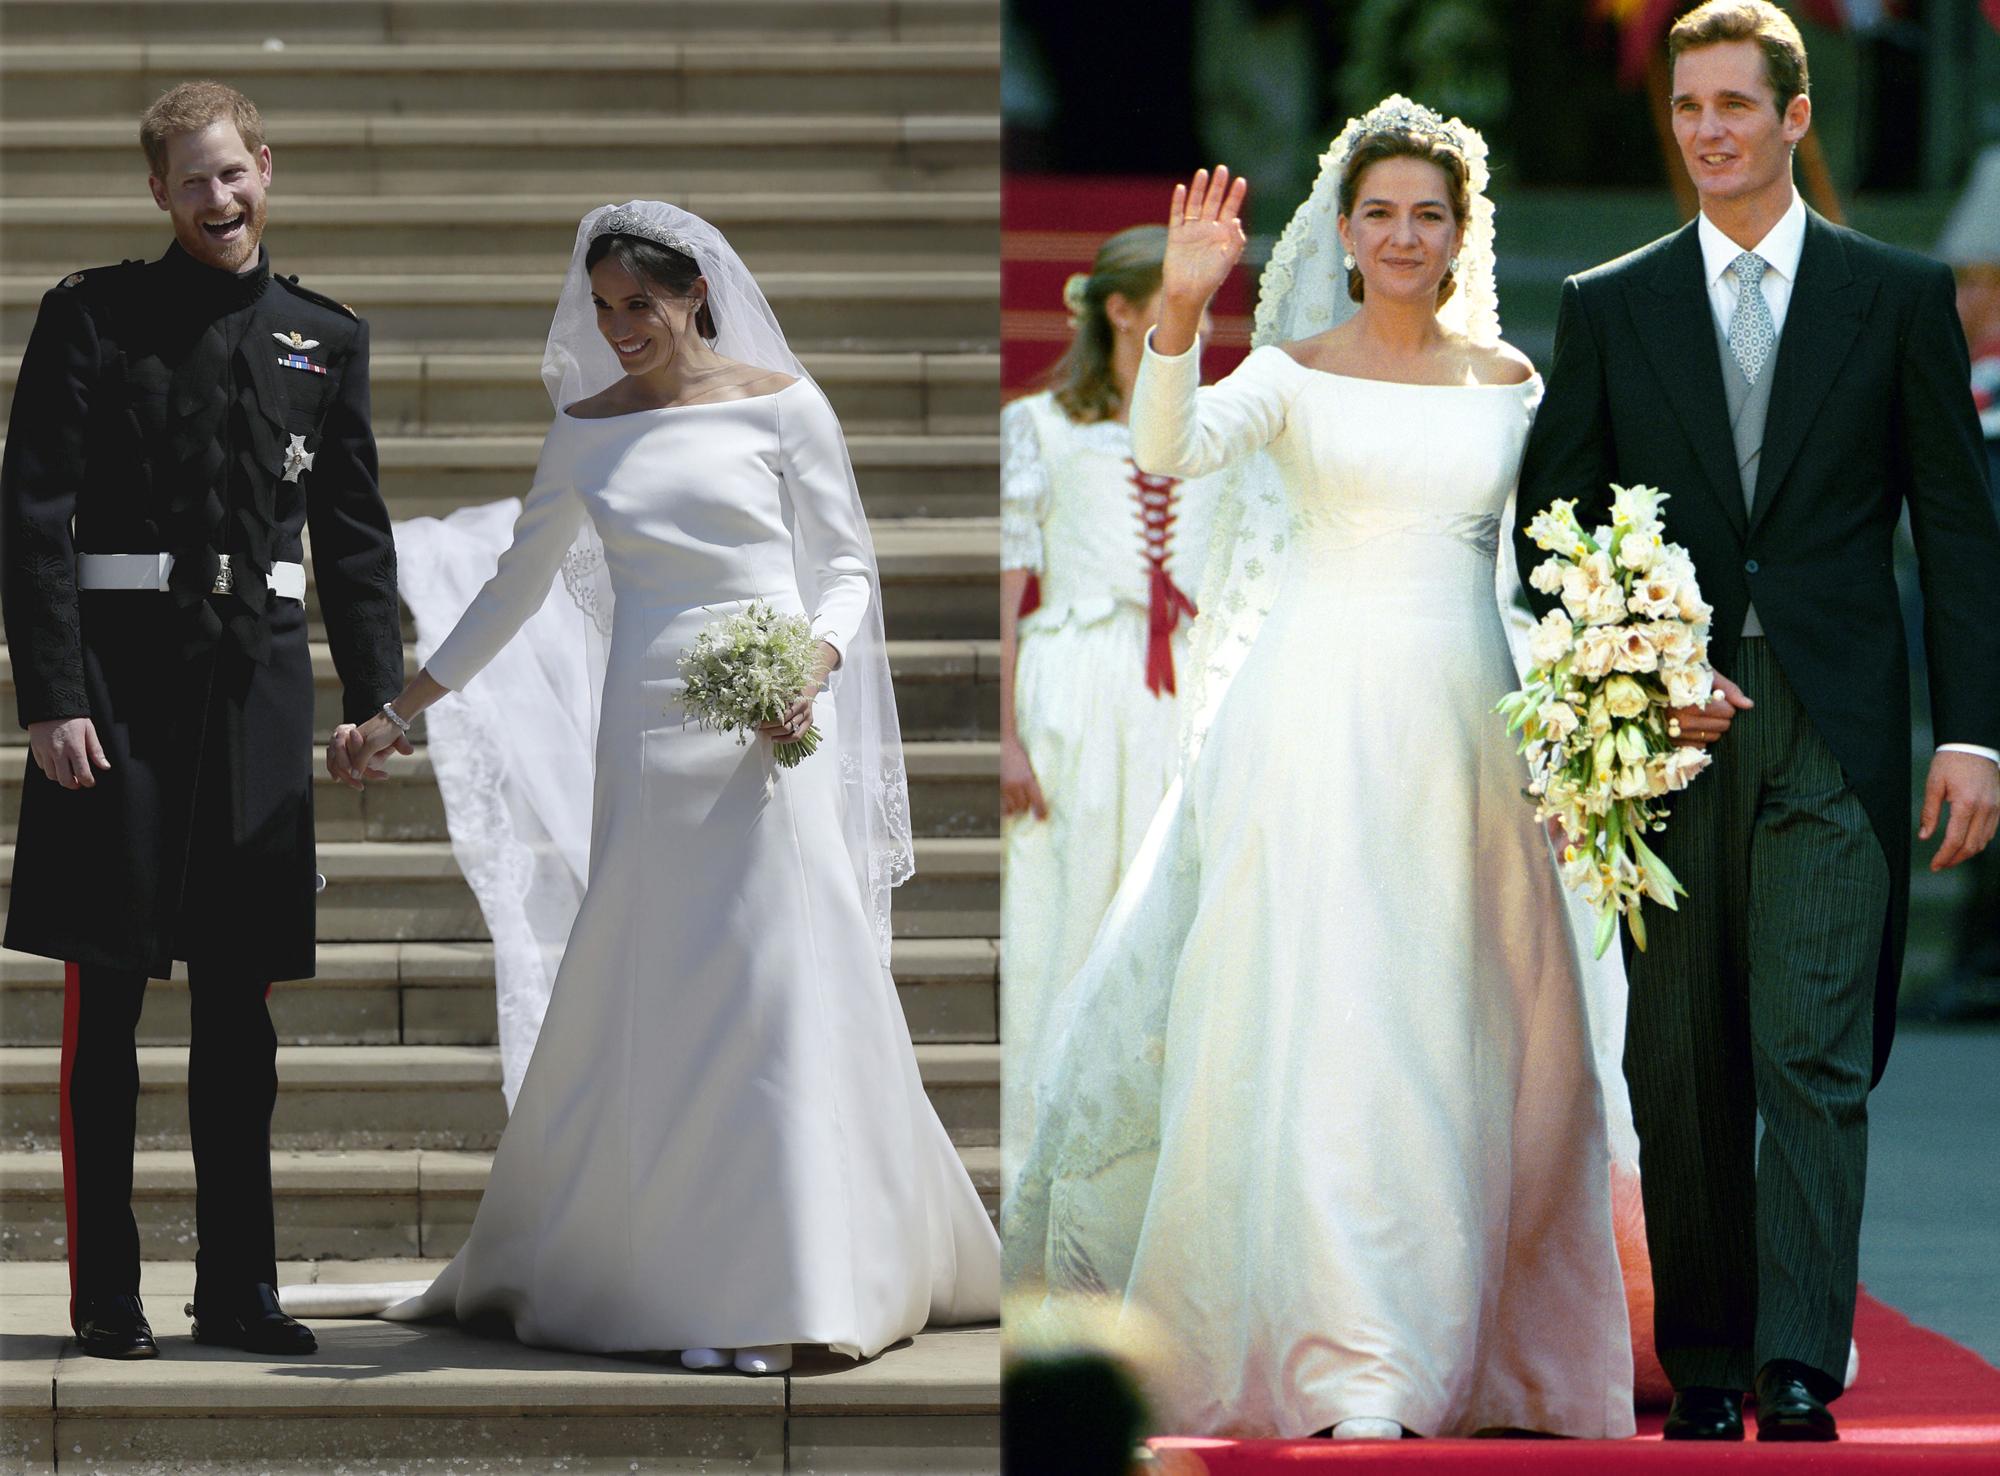 Los vestidos de novia de Meghan Markle y la infanta Elena.